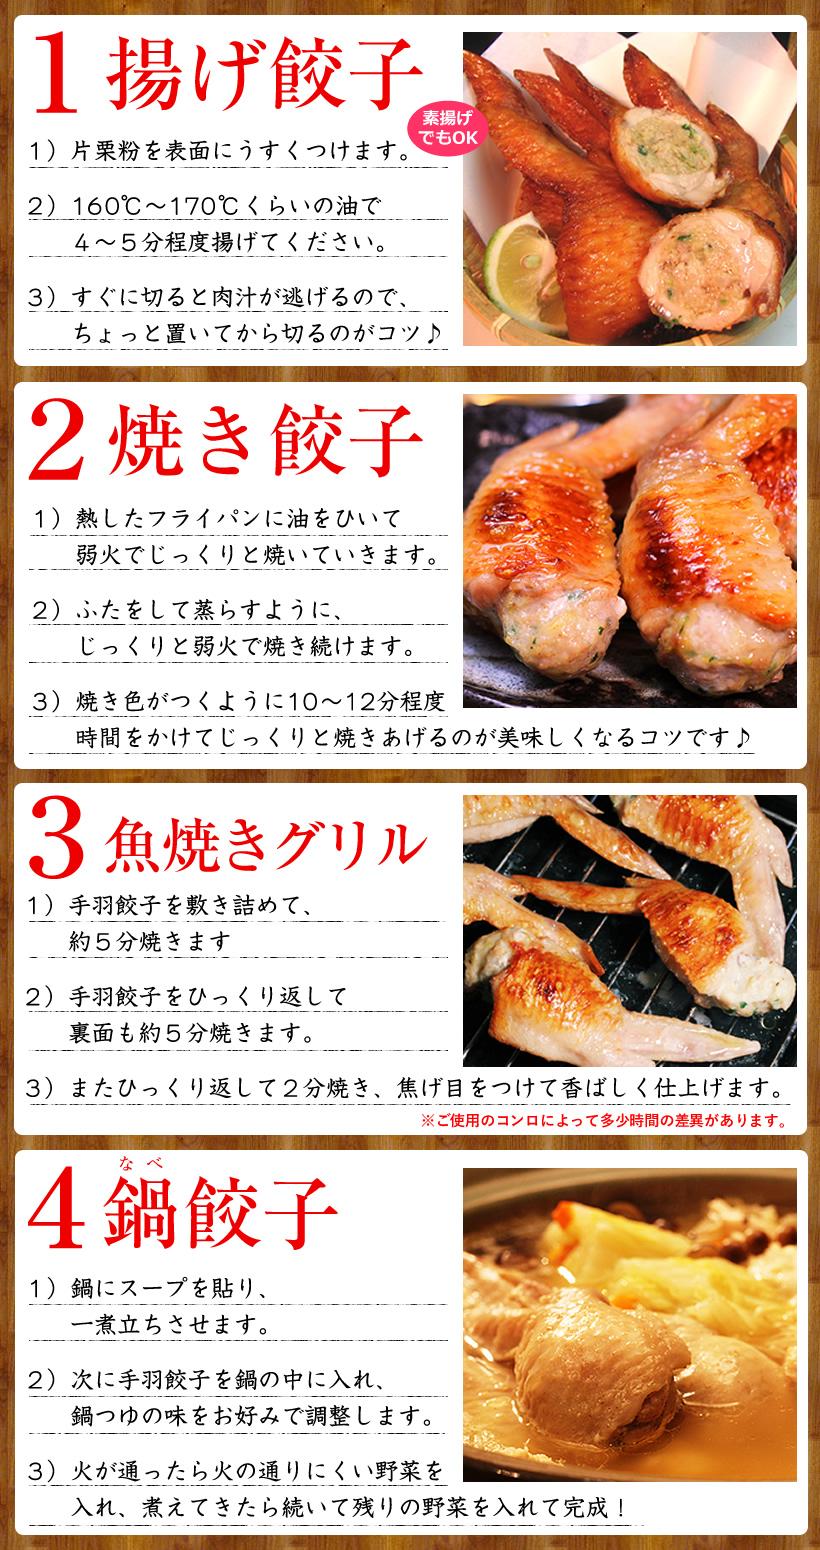 手羽餃子 アレンジ方法1